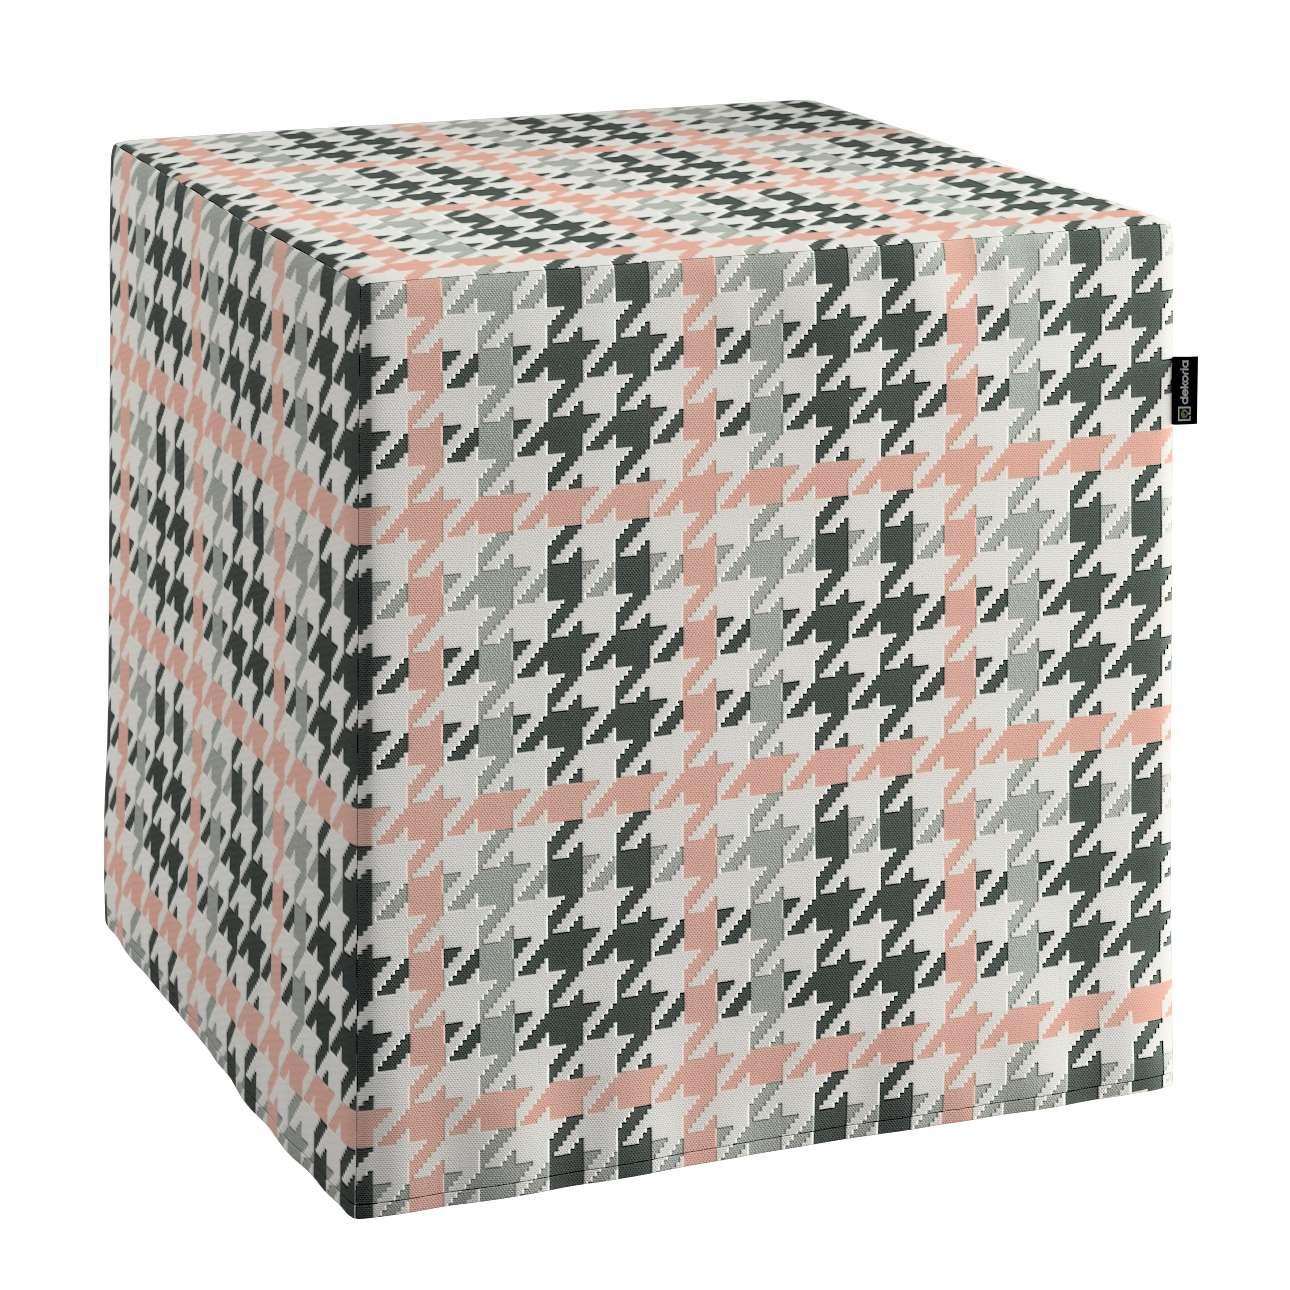 Pokrowiec na pufę kostke w kolekcji Brooklyn, tkanina: 137-75